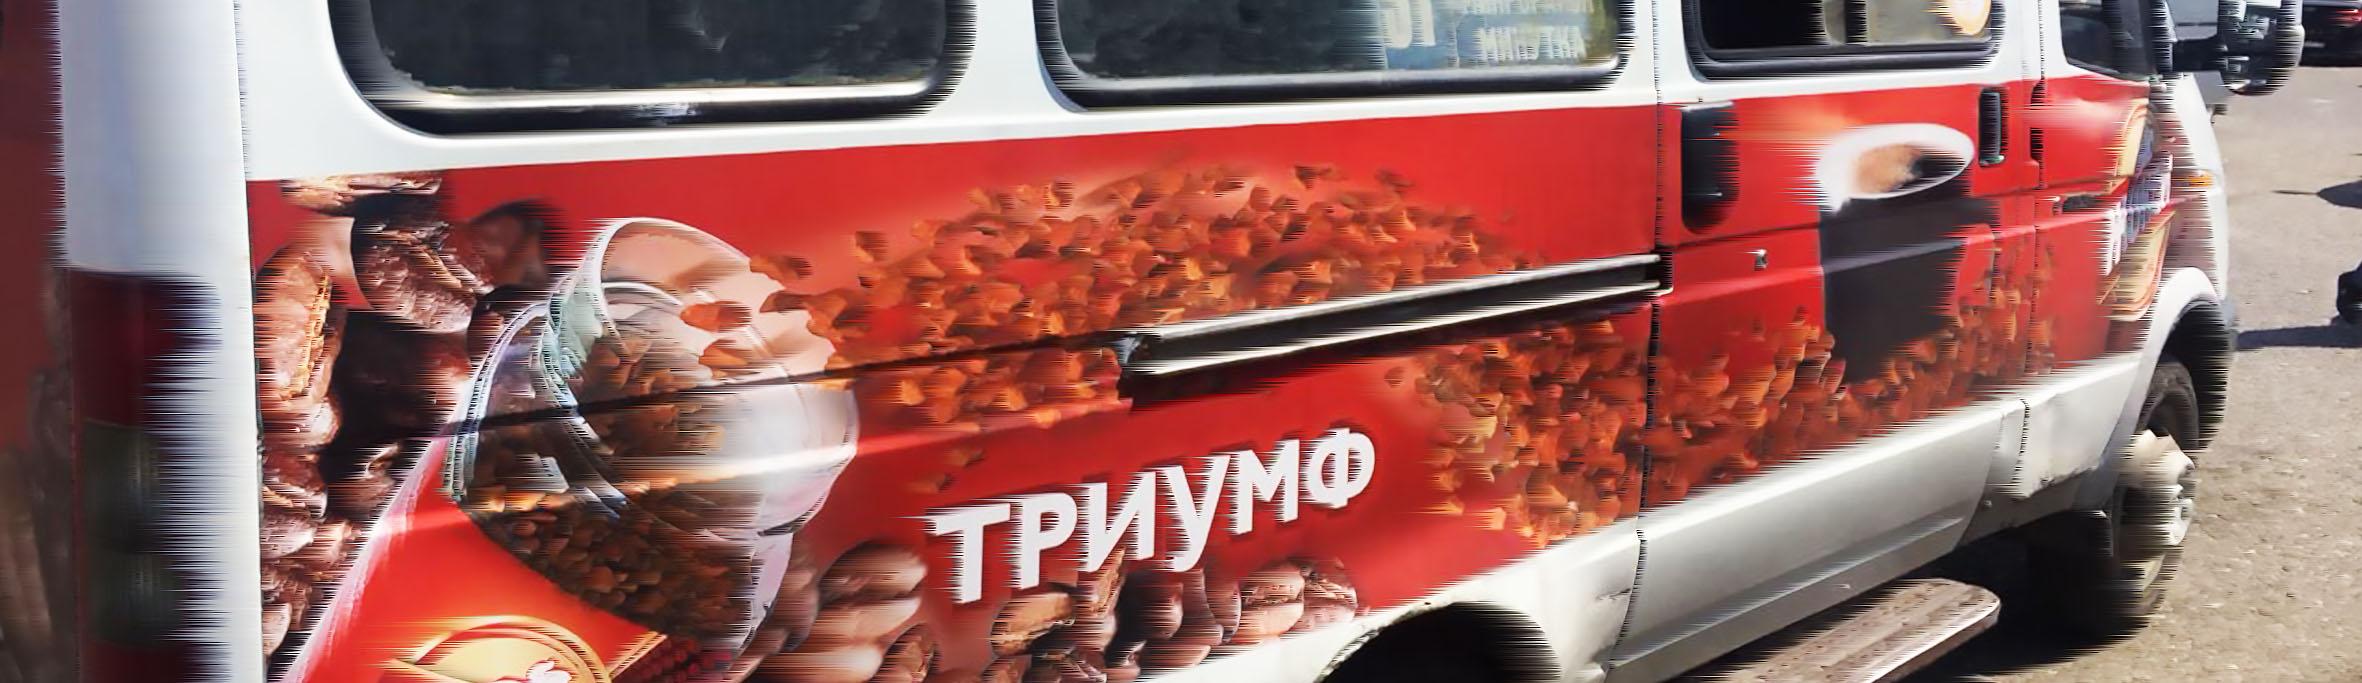 Размещение рекламы на транспорте Кабардино-Балкария